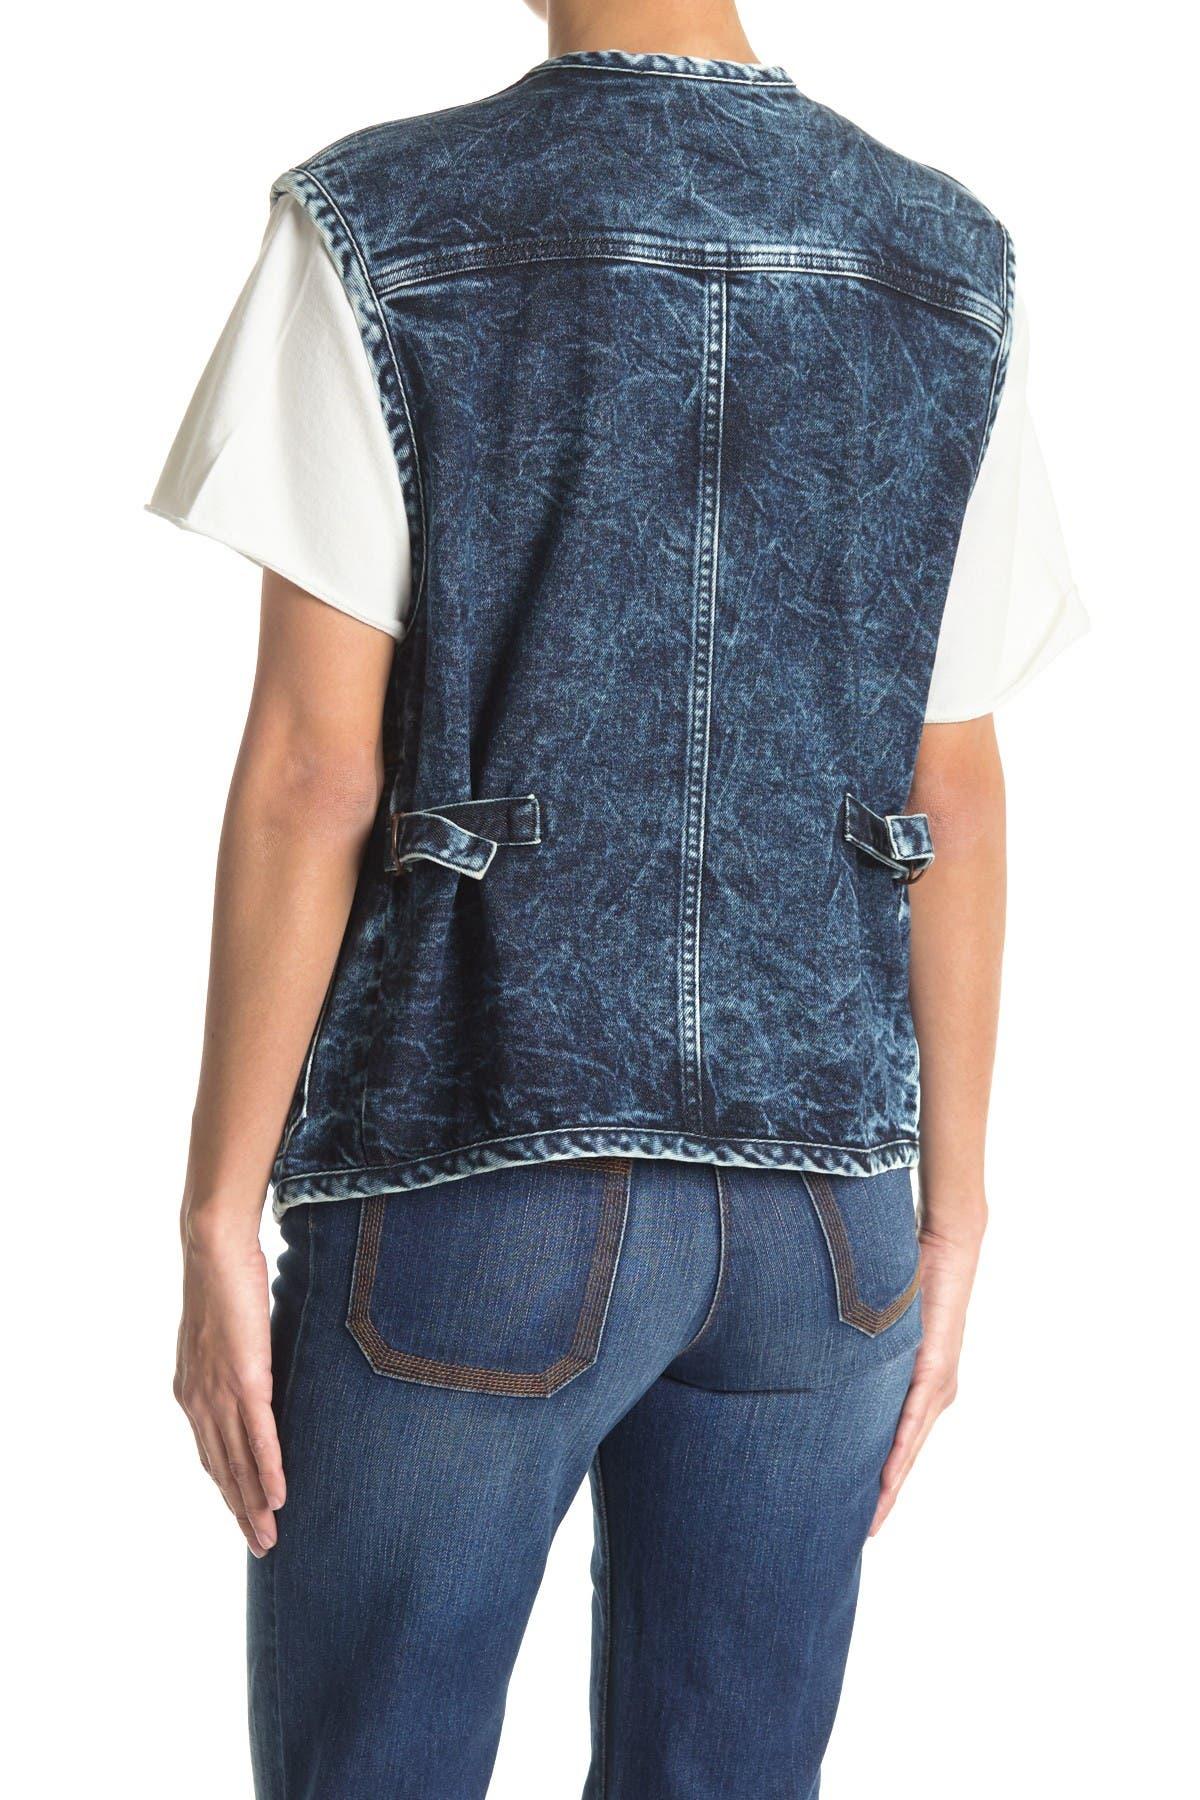 Image of See By Chloe Zip Denim Utility Vest